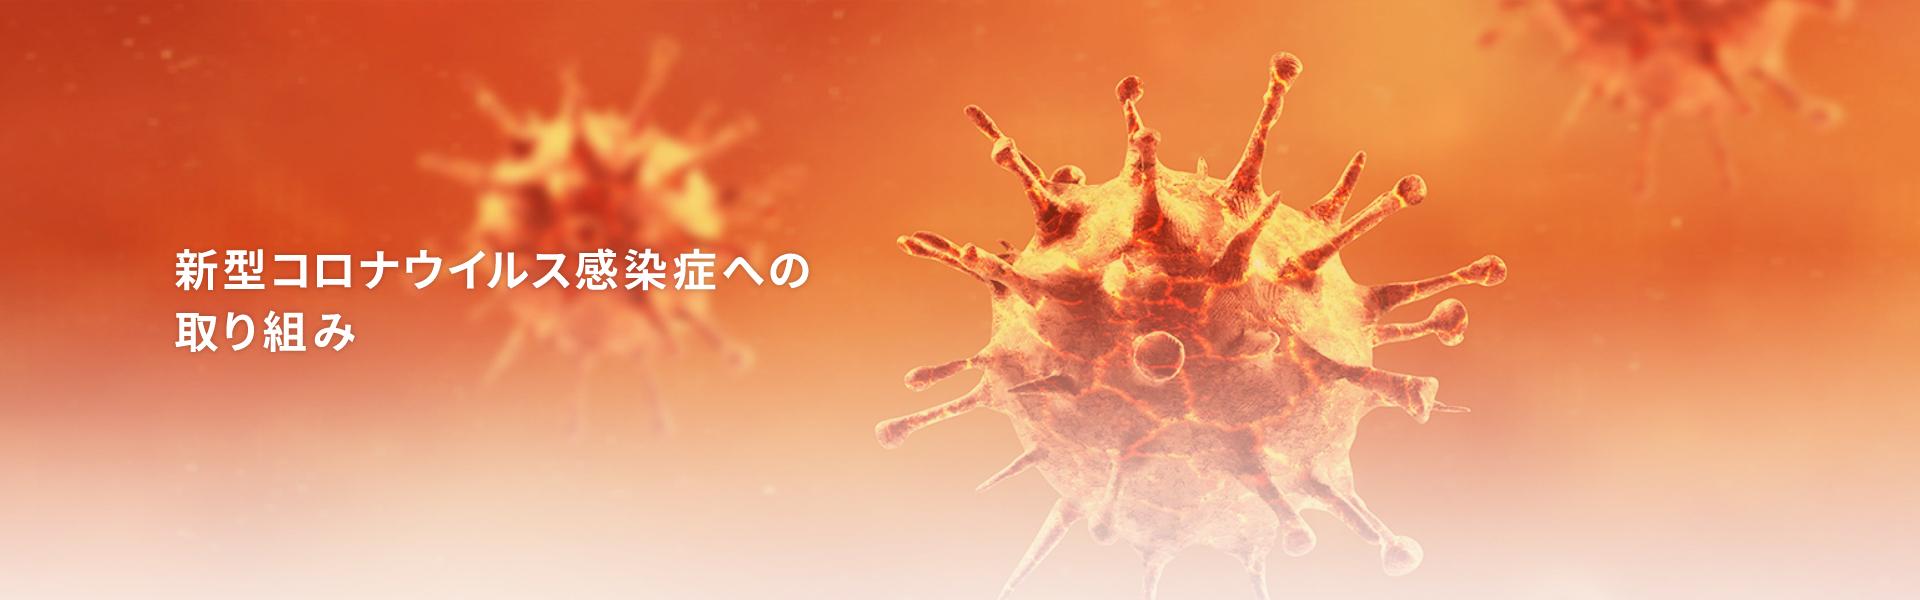 [画像] 新型コロナウイルス感染症への取り組み